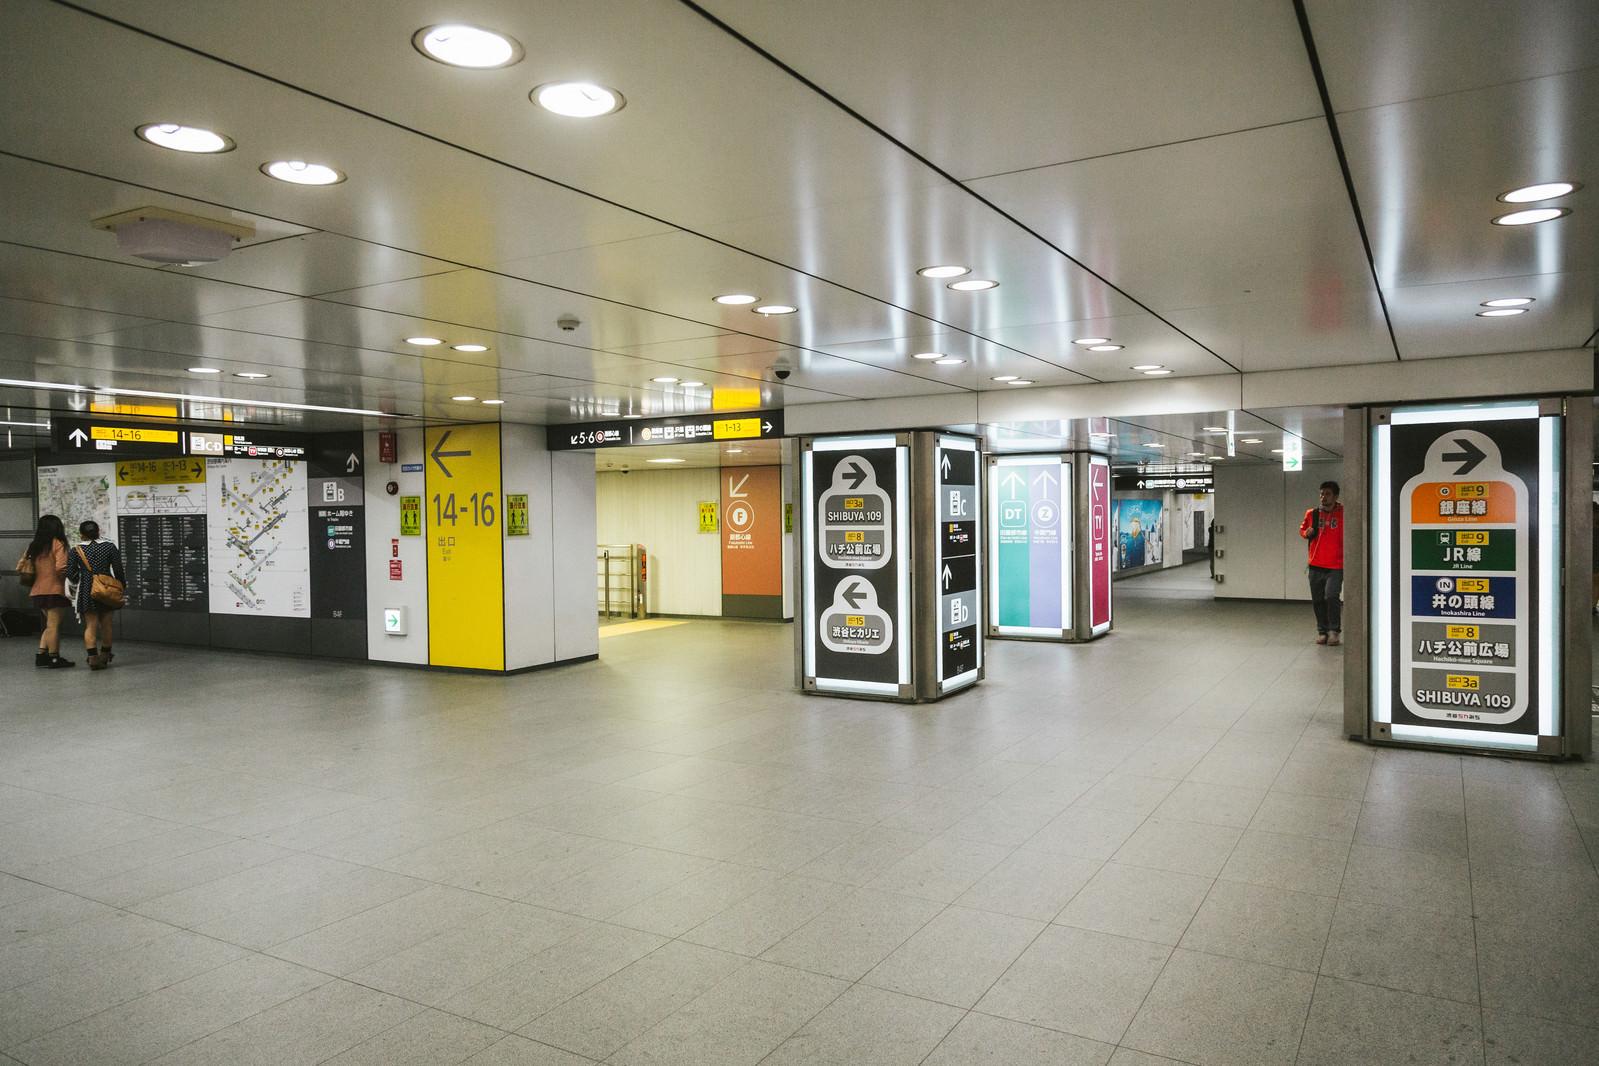 「渋谷の迷路のような電車乗り換え」の写真